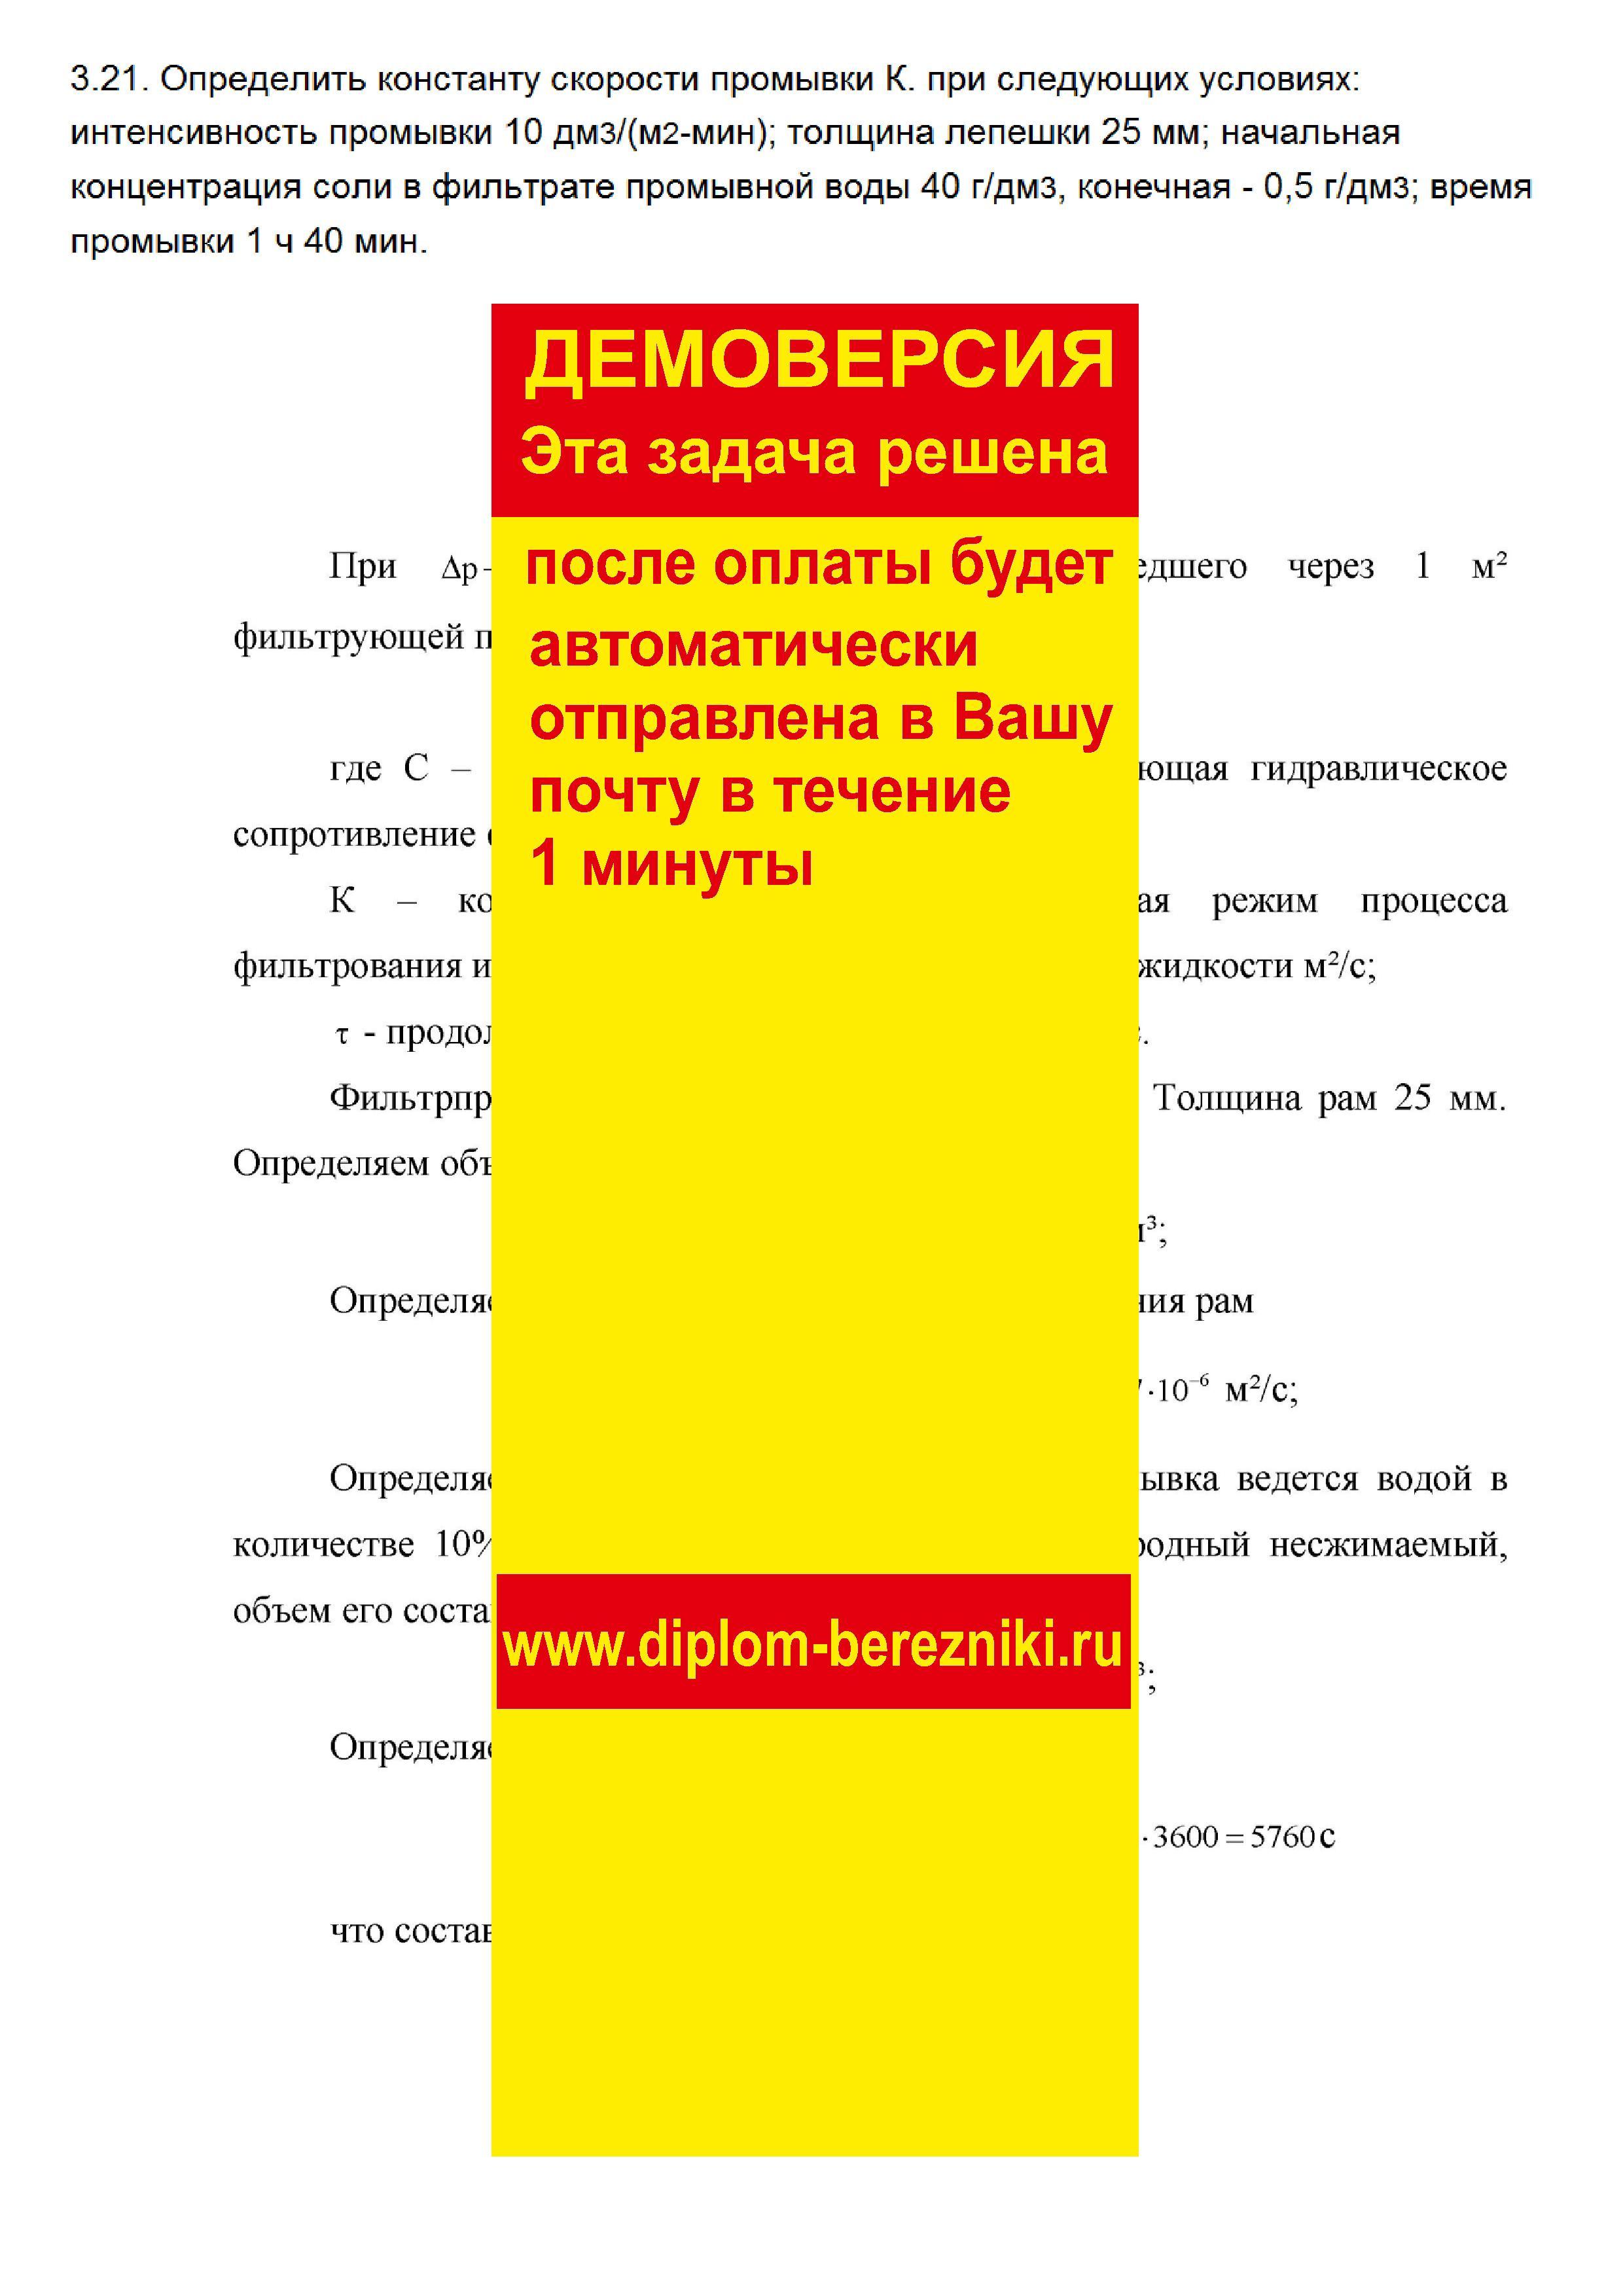 Решение задачи 3.21 по ПАХТ из задачника Павлова Романкова Носкова